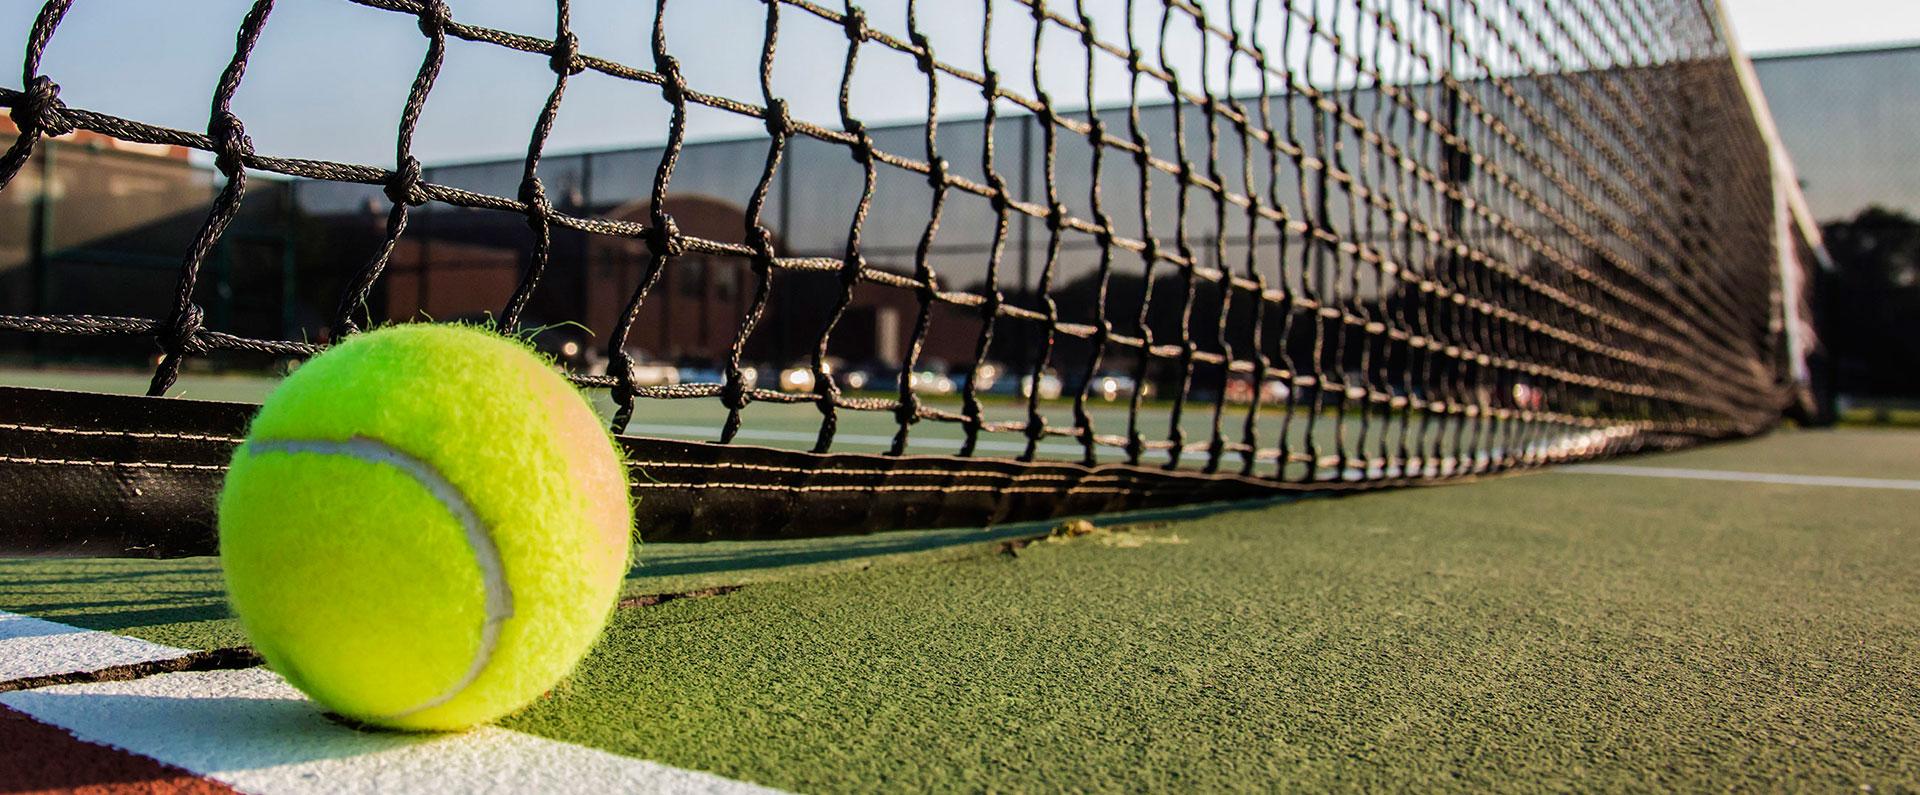 Теннисный клуб Sport&Court тренировки по теннису в Харькове